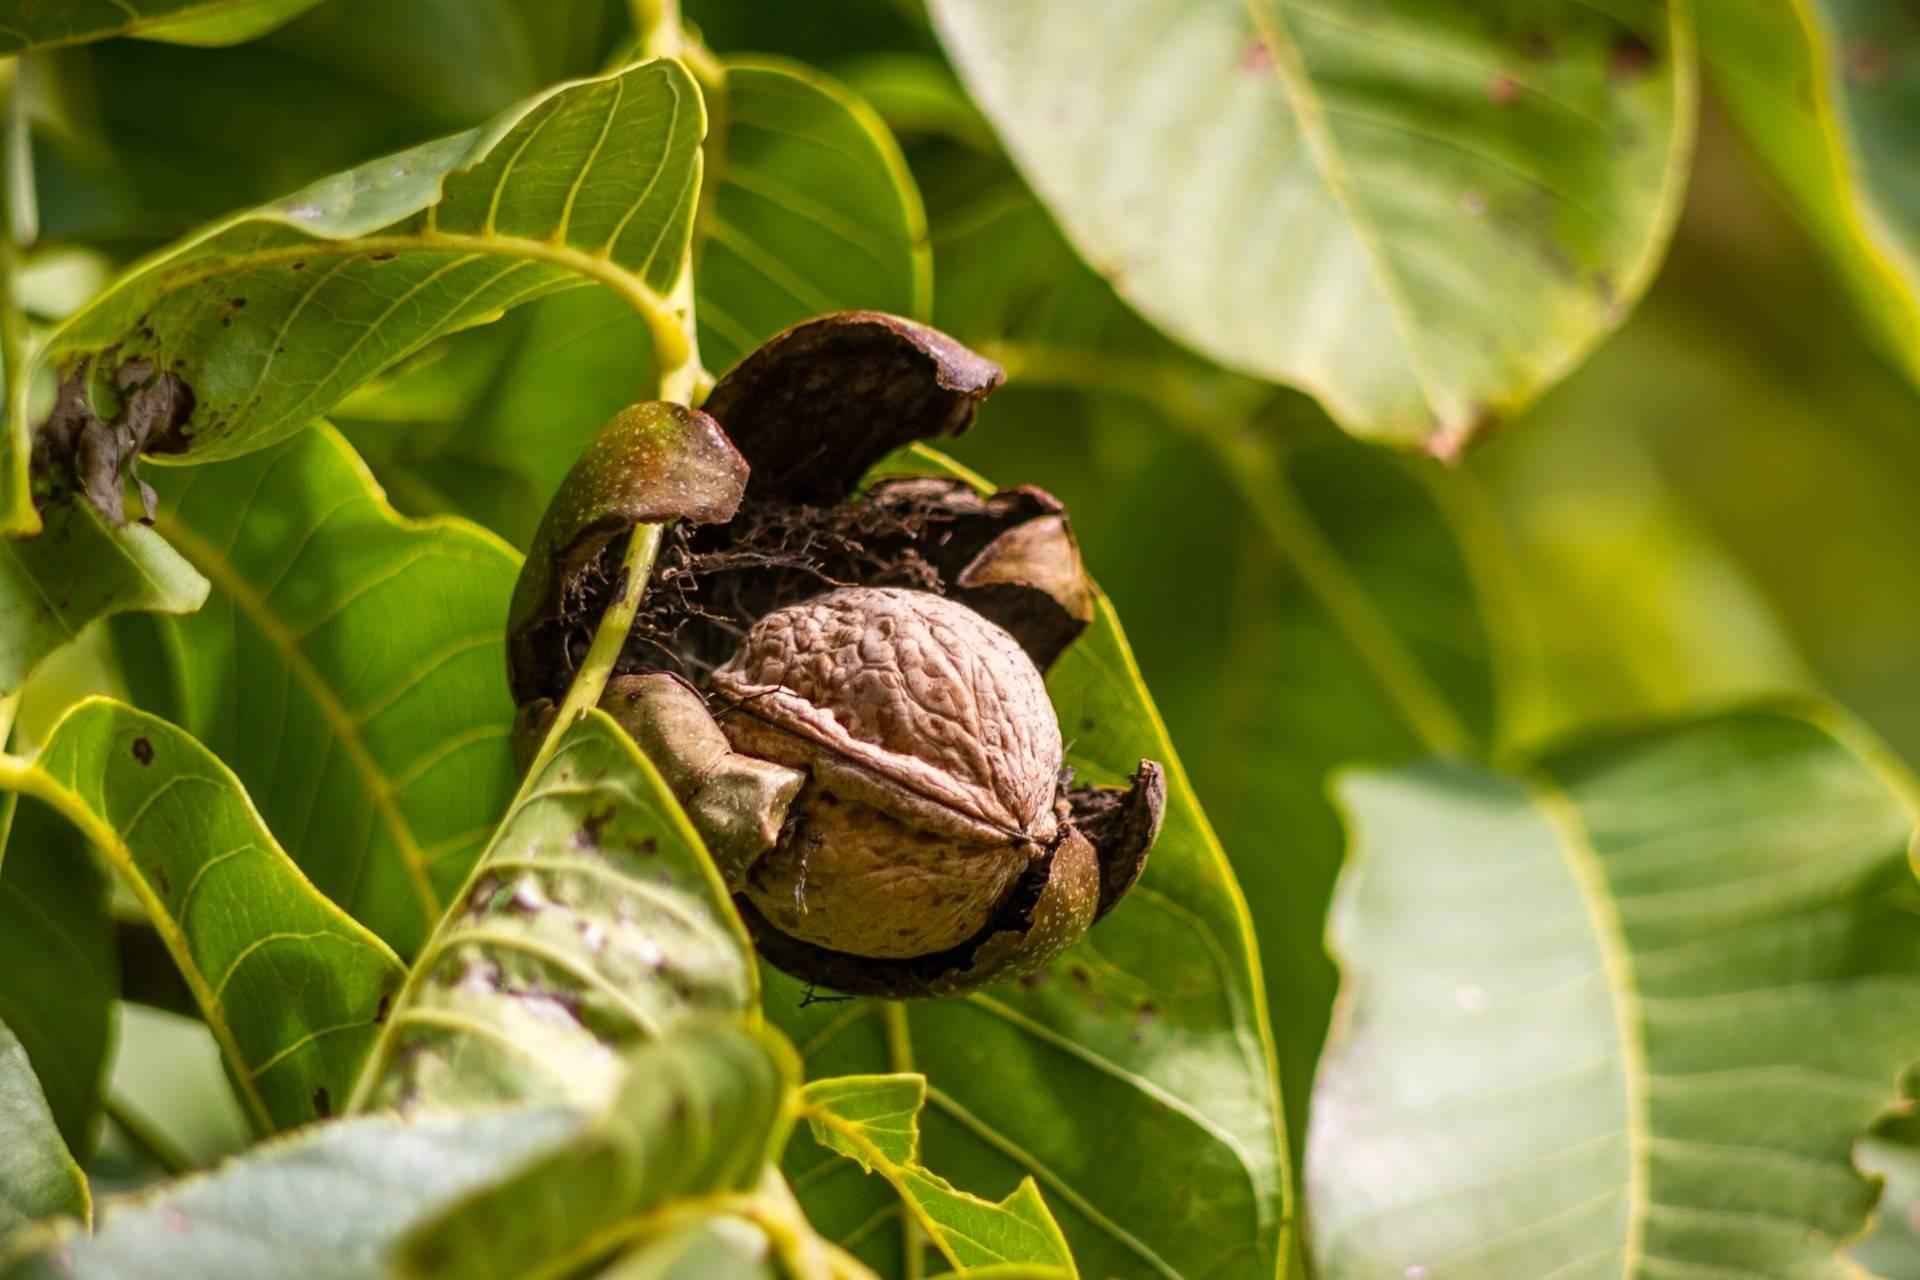 Где и как растёт бразильский орех: описание дерева и плодов, как собирают и обрабатывают